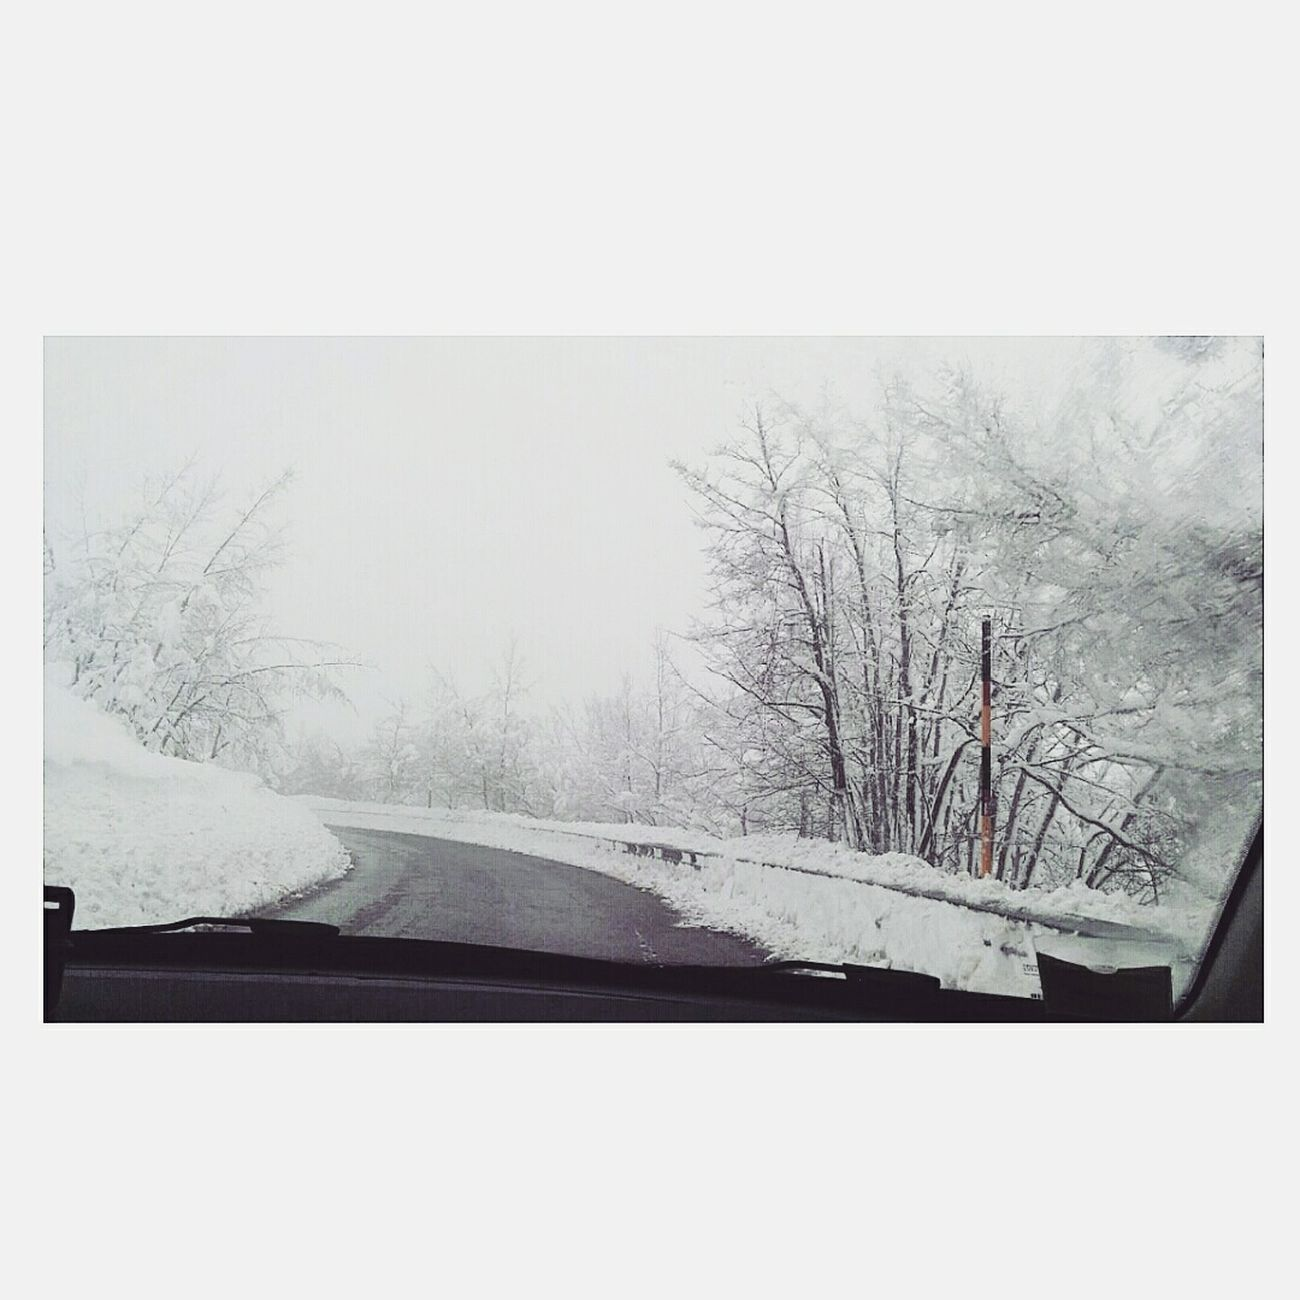 Neve Certipaesaggi Giornatealternative questa prmavera che stenta ad arrivare❄